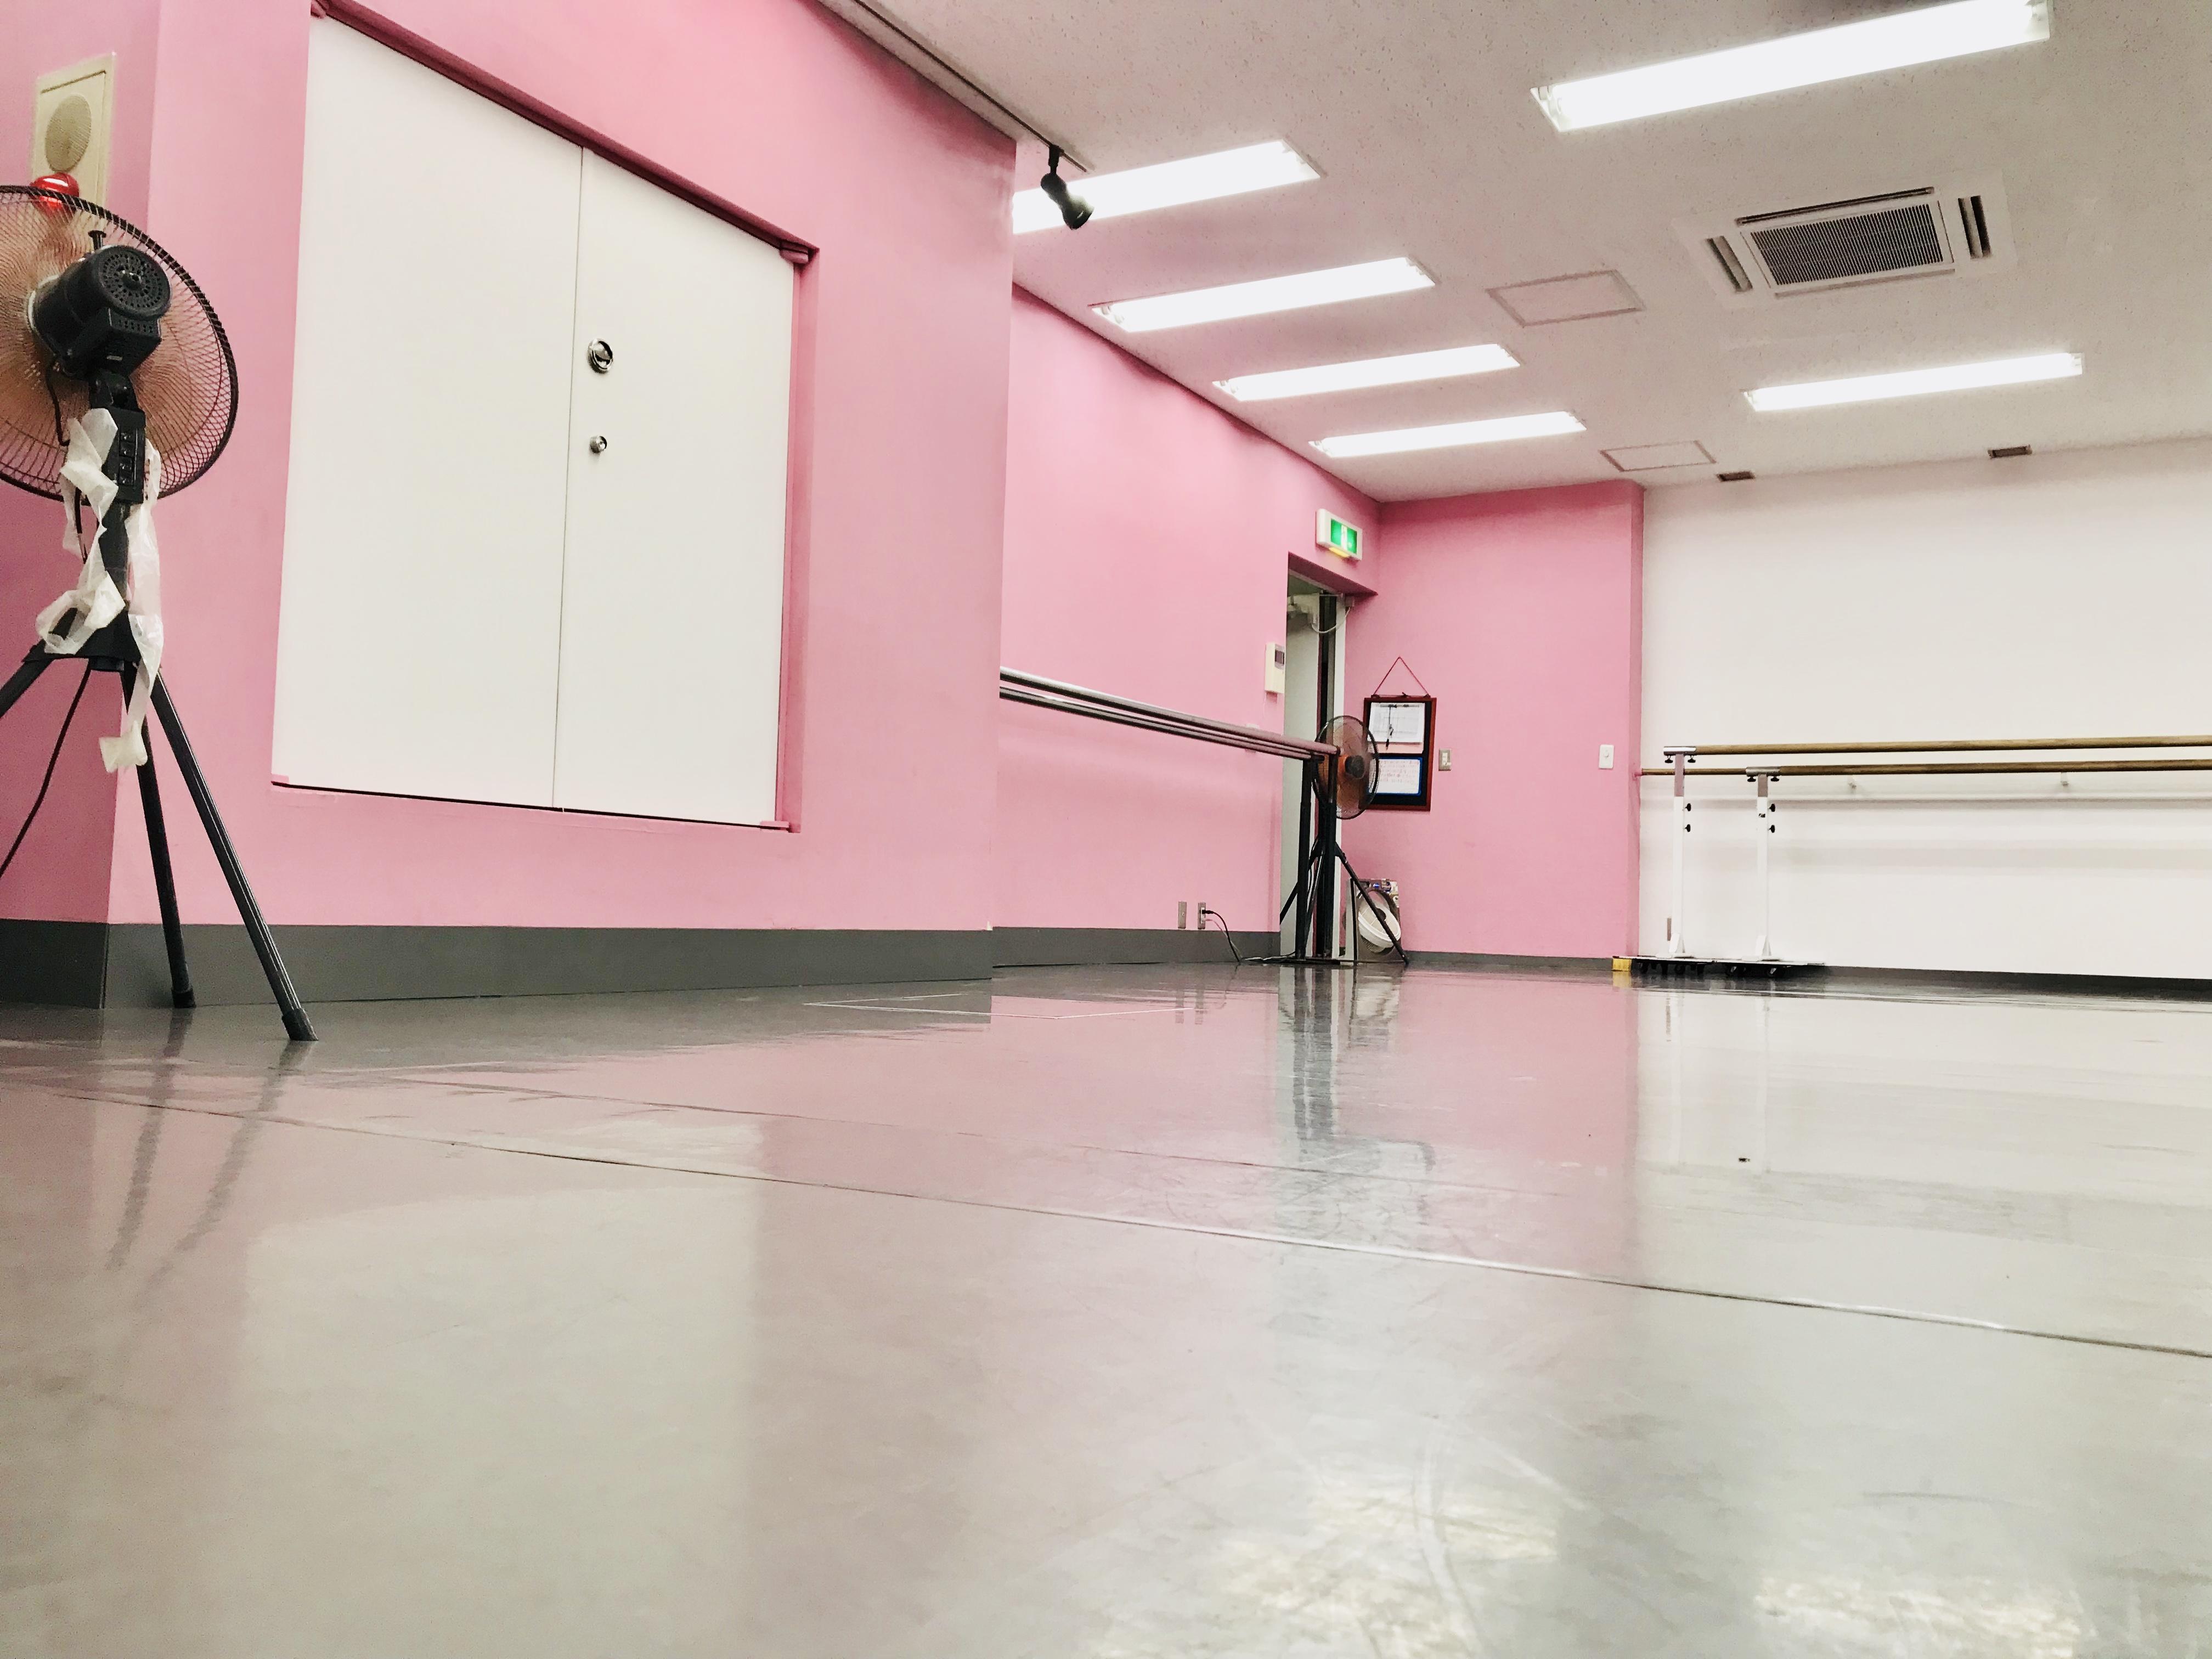 千代田区 秋葉原の貸しレンタルダンススタジオ ブルーハススタジオ 手前2